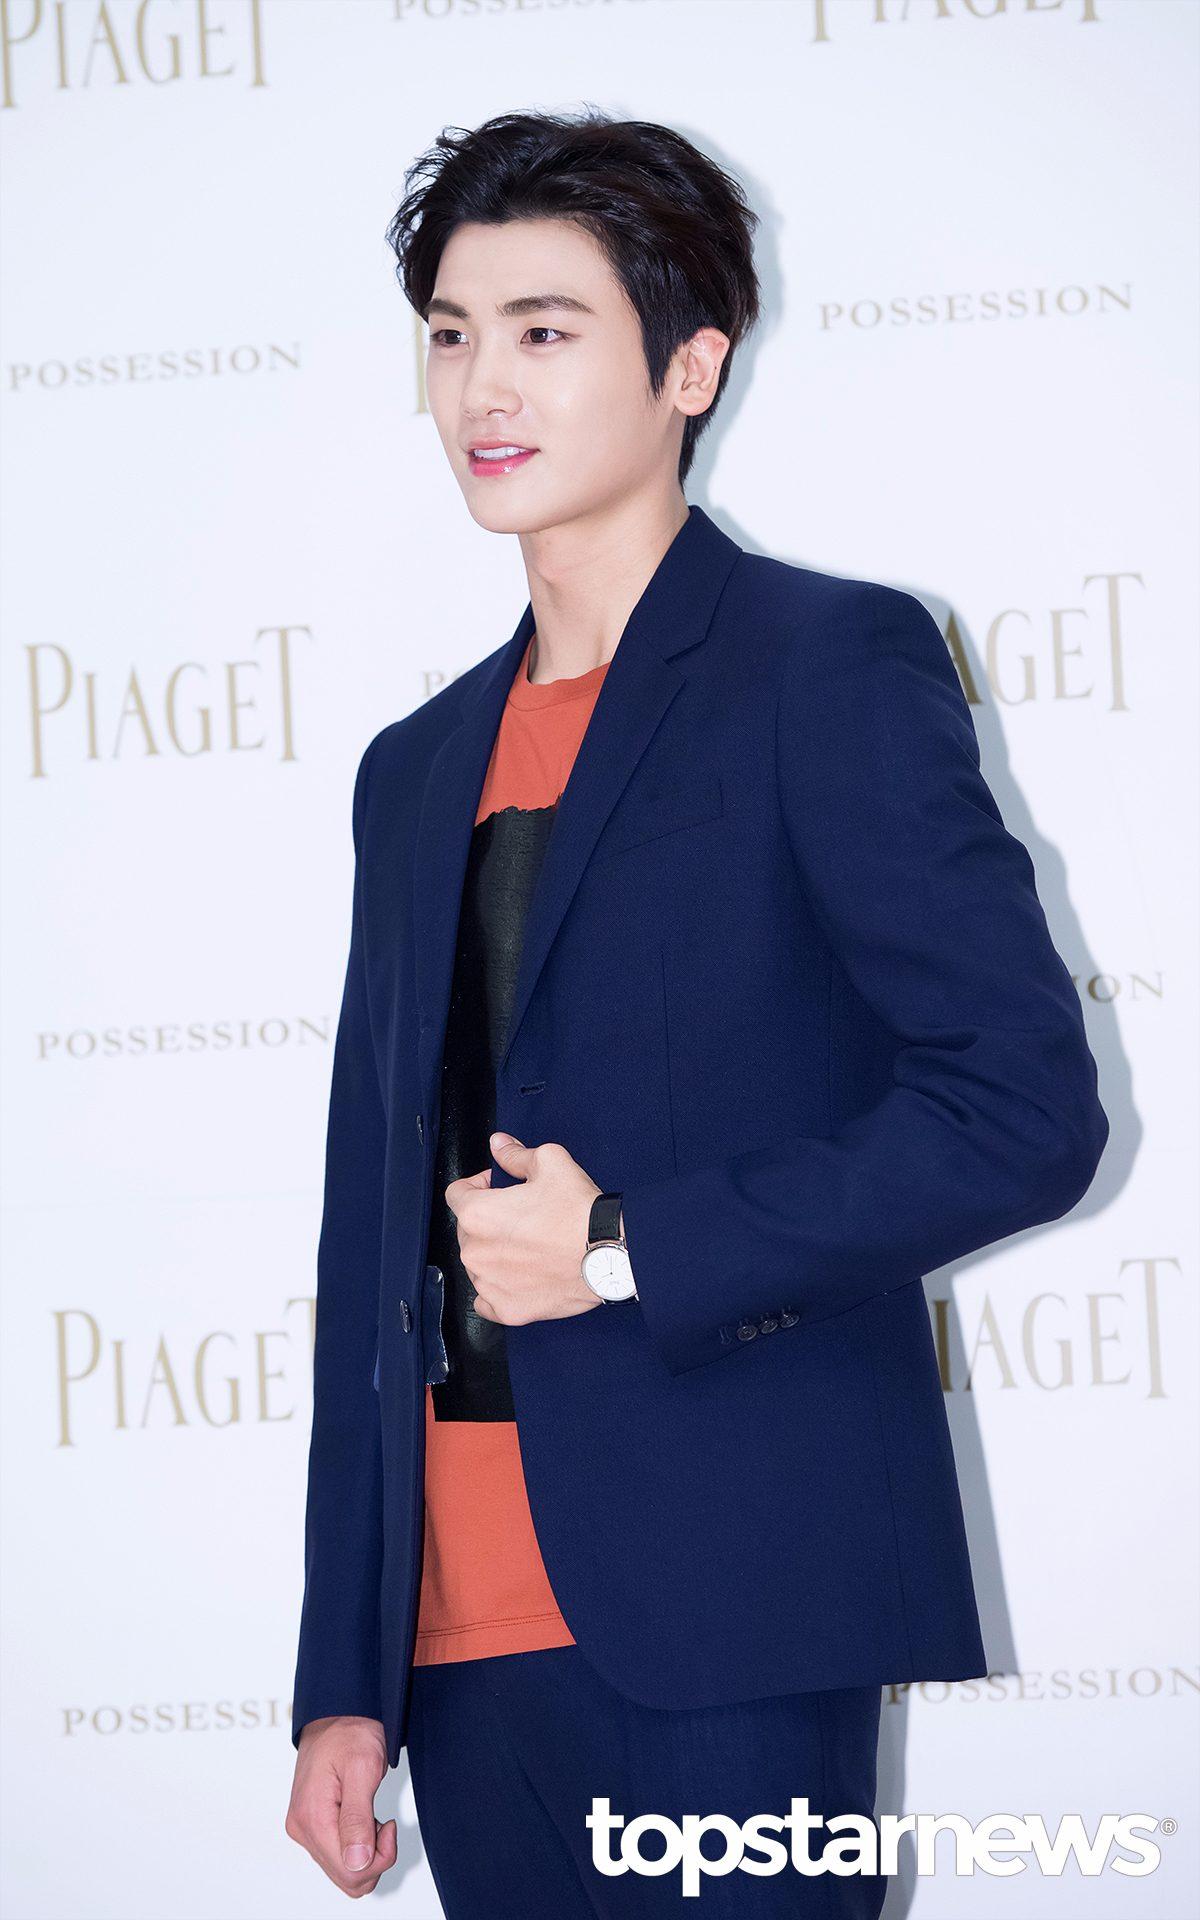 朴炯植飾演彡麥宗(真興王) 新羅王子,為了躲避刺客的殺害而成為從不露臉的王, 並潛入母后創立的組織